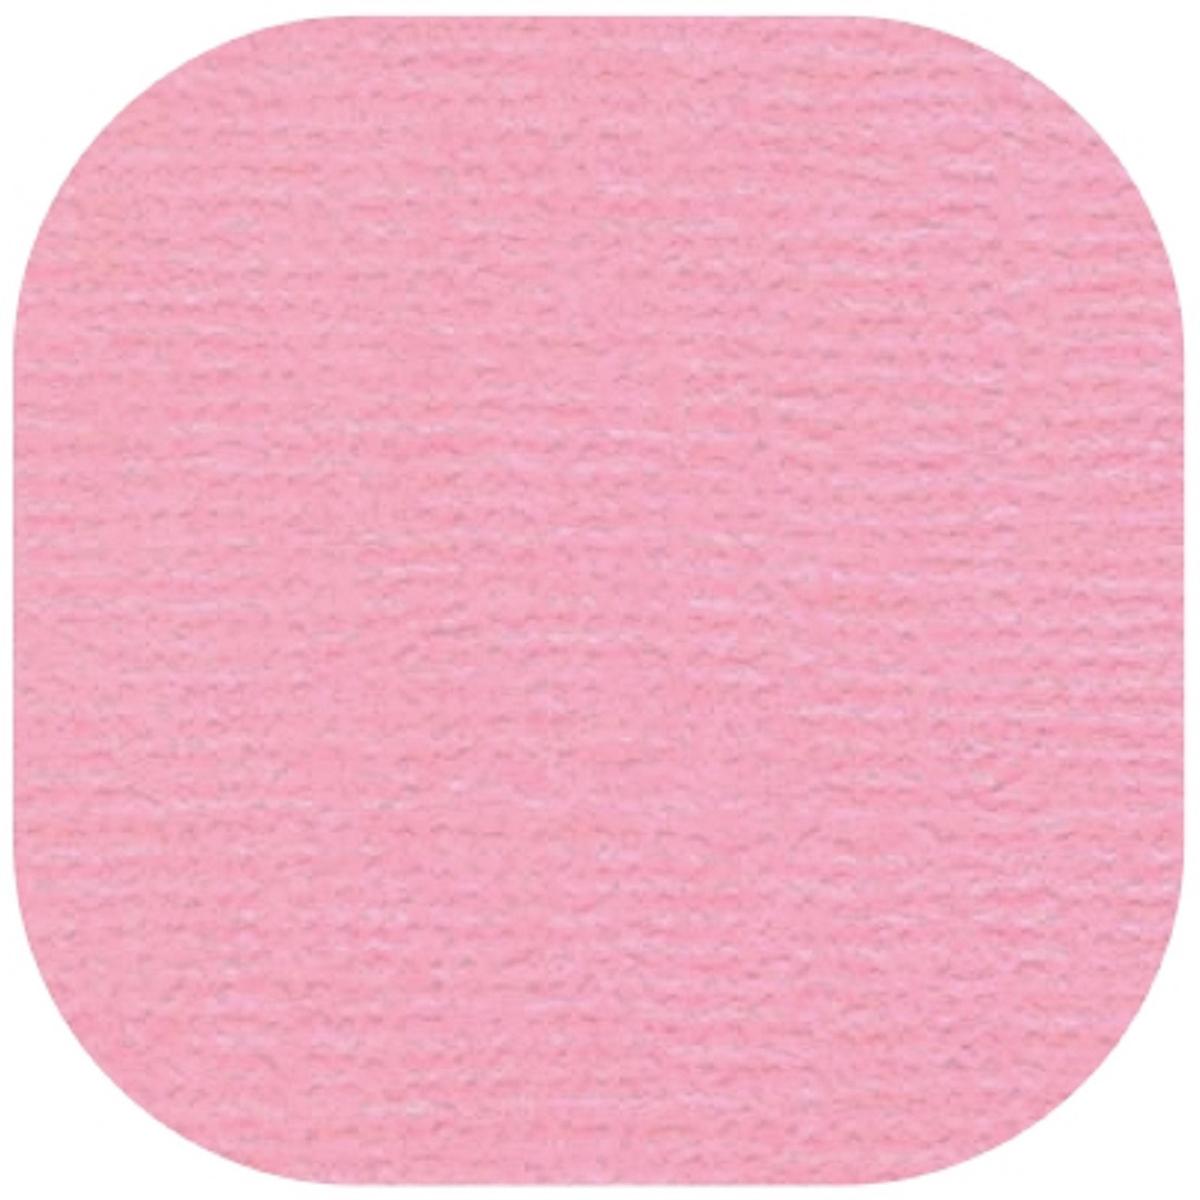 Бумага текстурированная Рукоделие Сахарная вата, 30,5 х 30,5 см, 10 листов бумага для декупажа рукоделие винтаж 50 х 39 5 см 6 листов